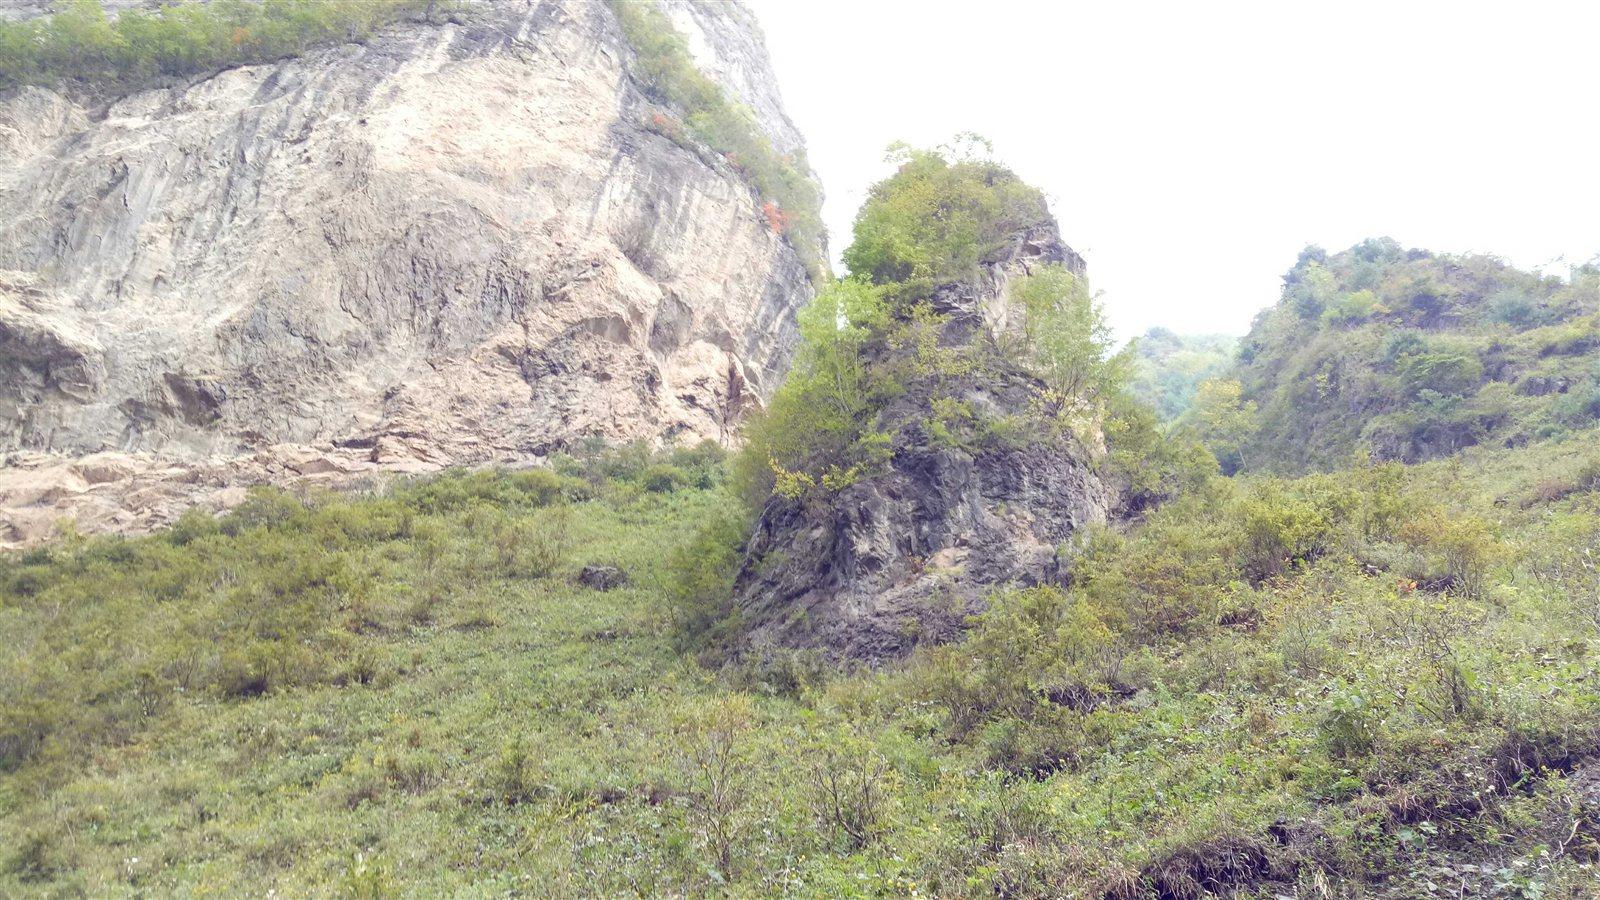 陇南市甘泉镇樊坝村自然风景区